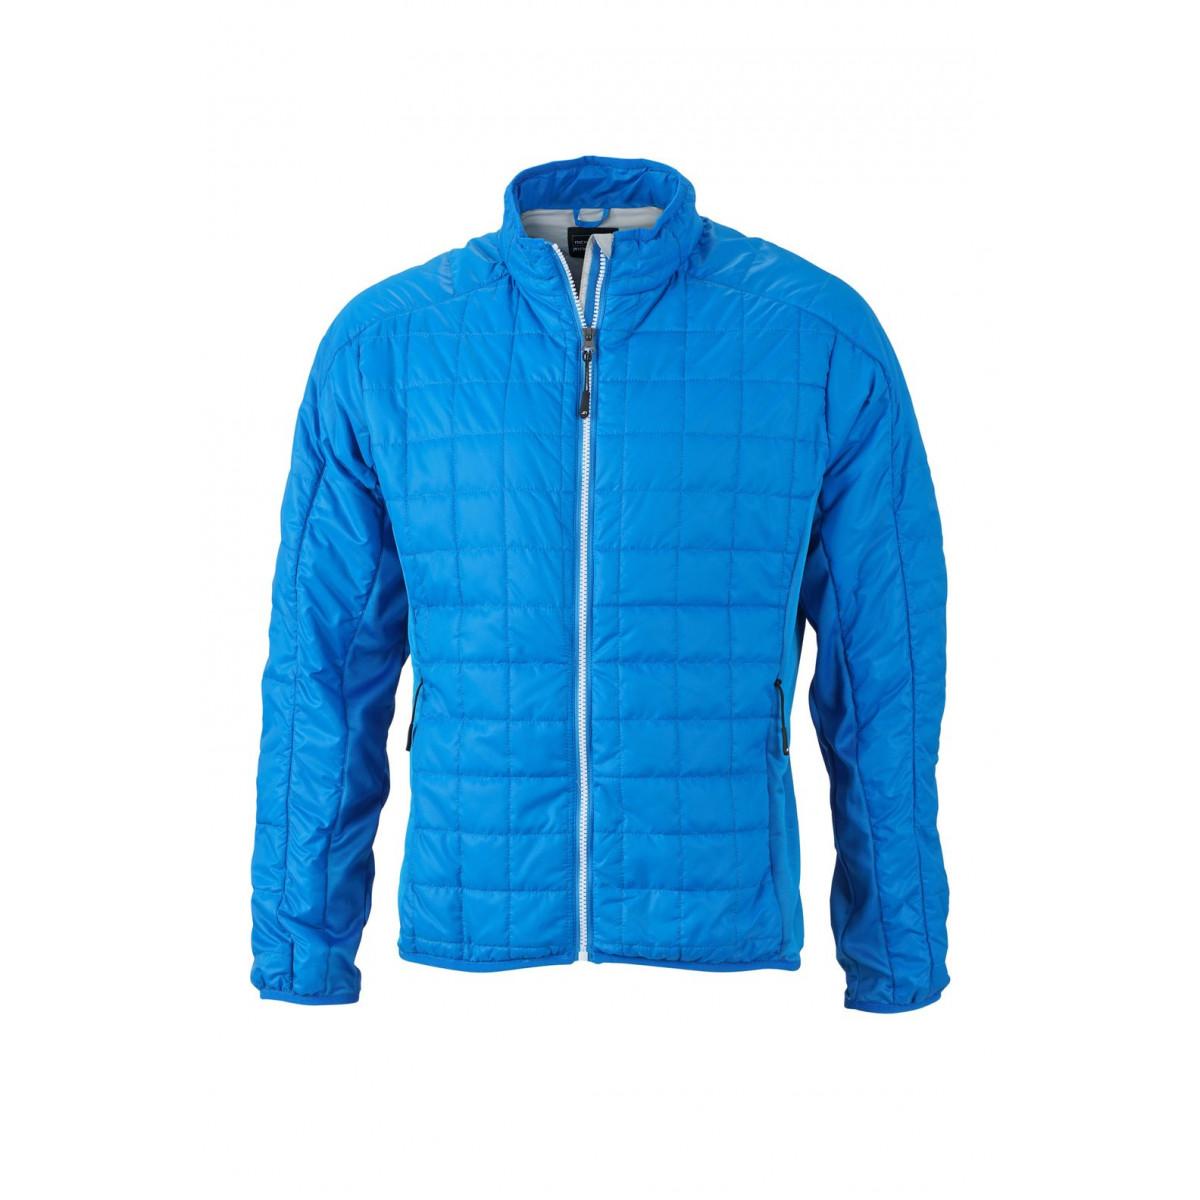 Куртка мужская JN1116 Mens Hybrid Jacket - Кобальт/Серебряный